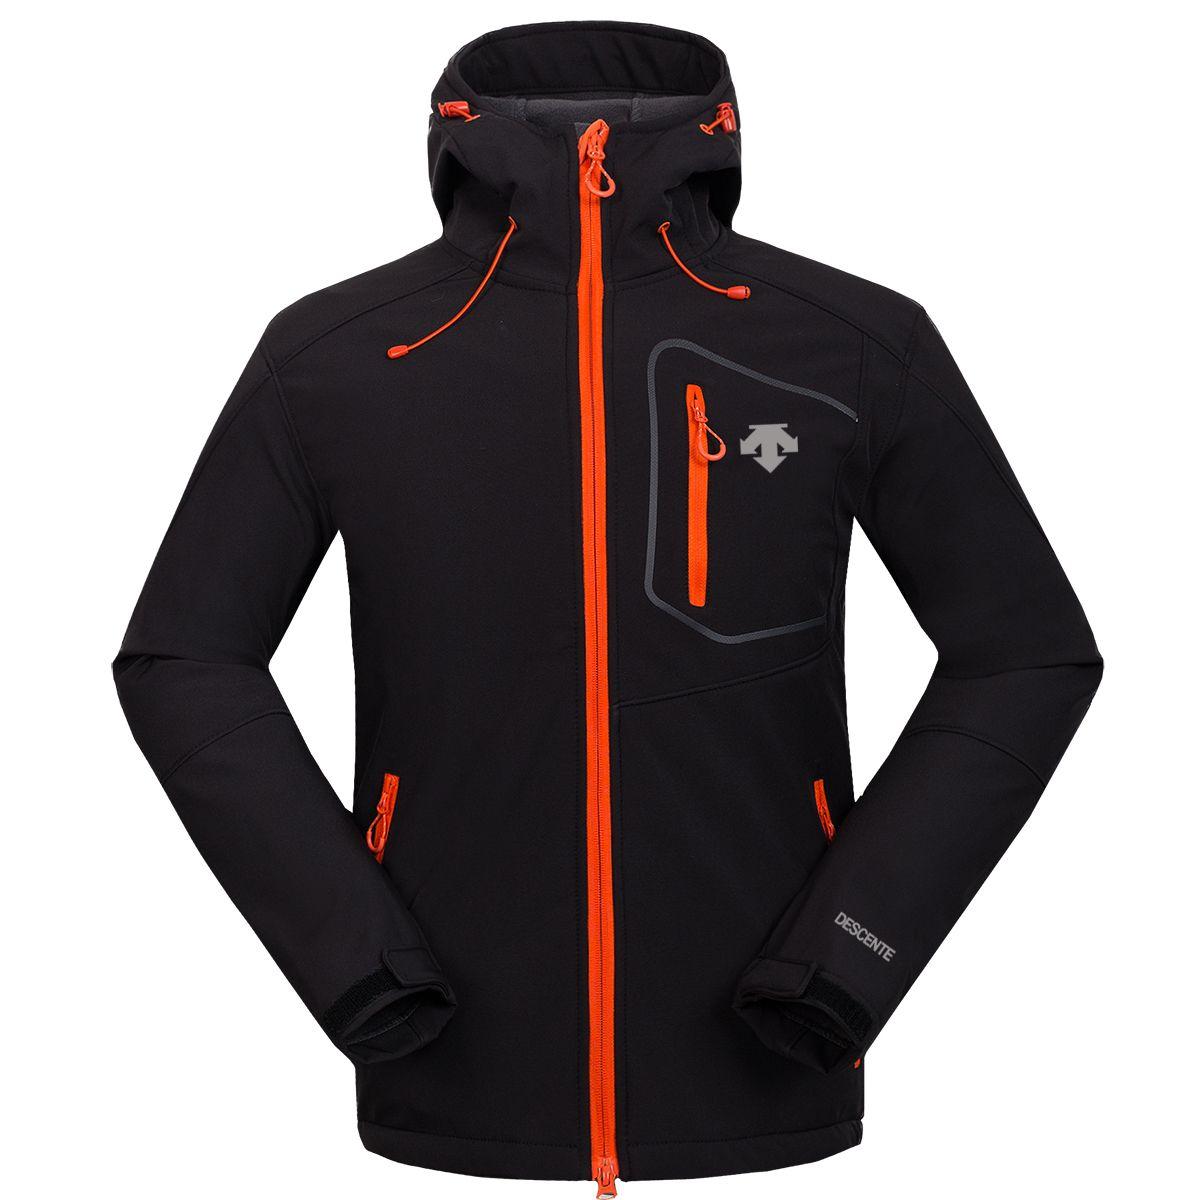 2019 nuovo The North mens DESCENTE Giacche Felpe Moda caldo casuale antivento sci Viso Cappotti All'aperto Denali Fleece Jackets 02